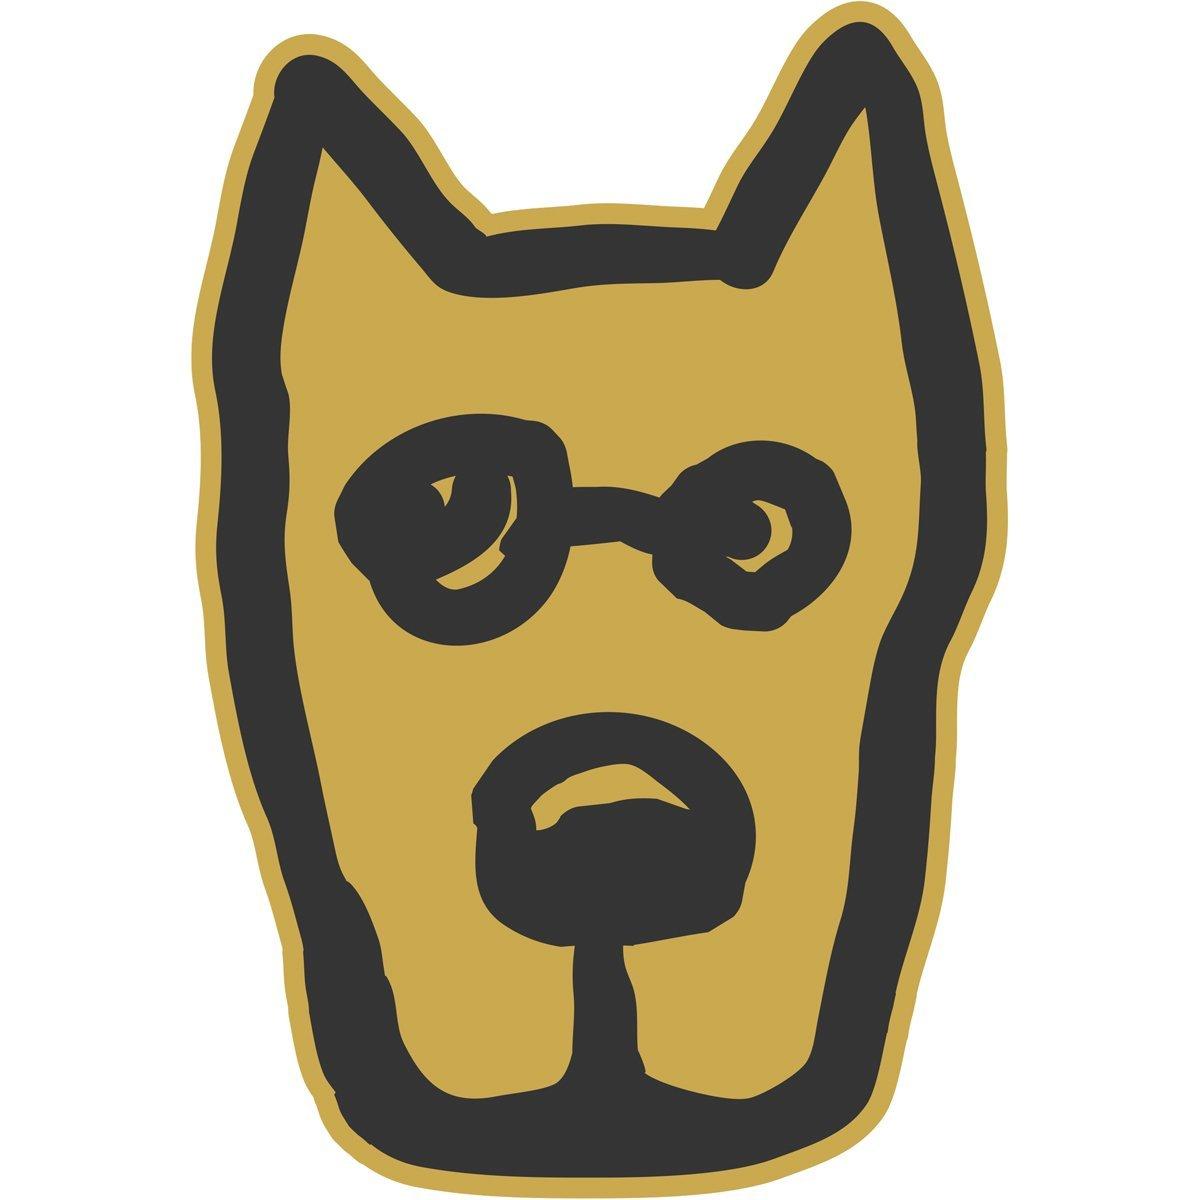 Life is Good. Die Cut Sticker - Rocket - Summer Gold